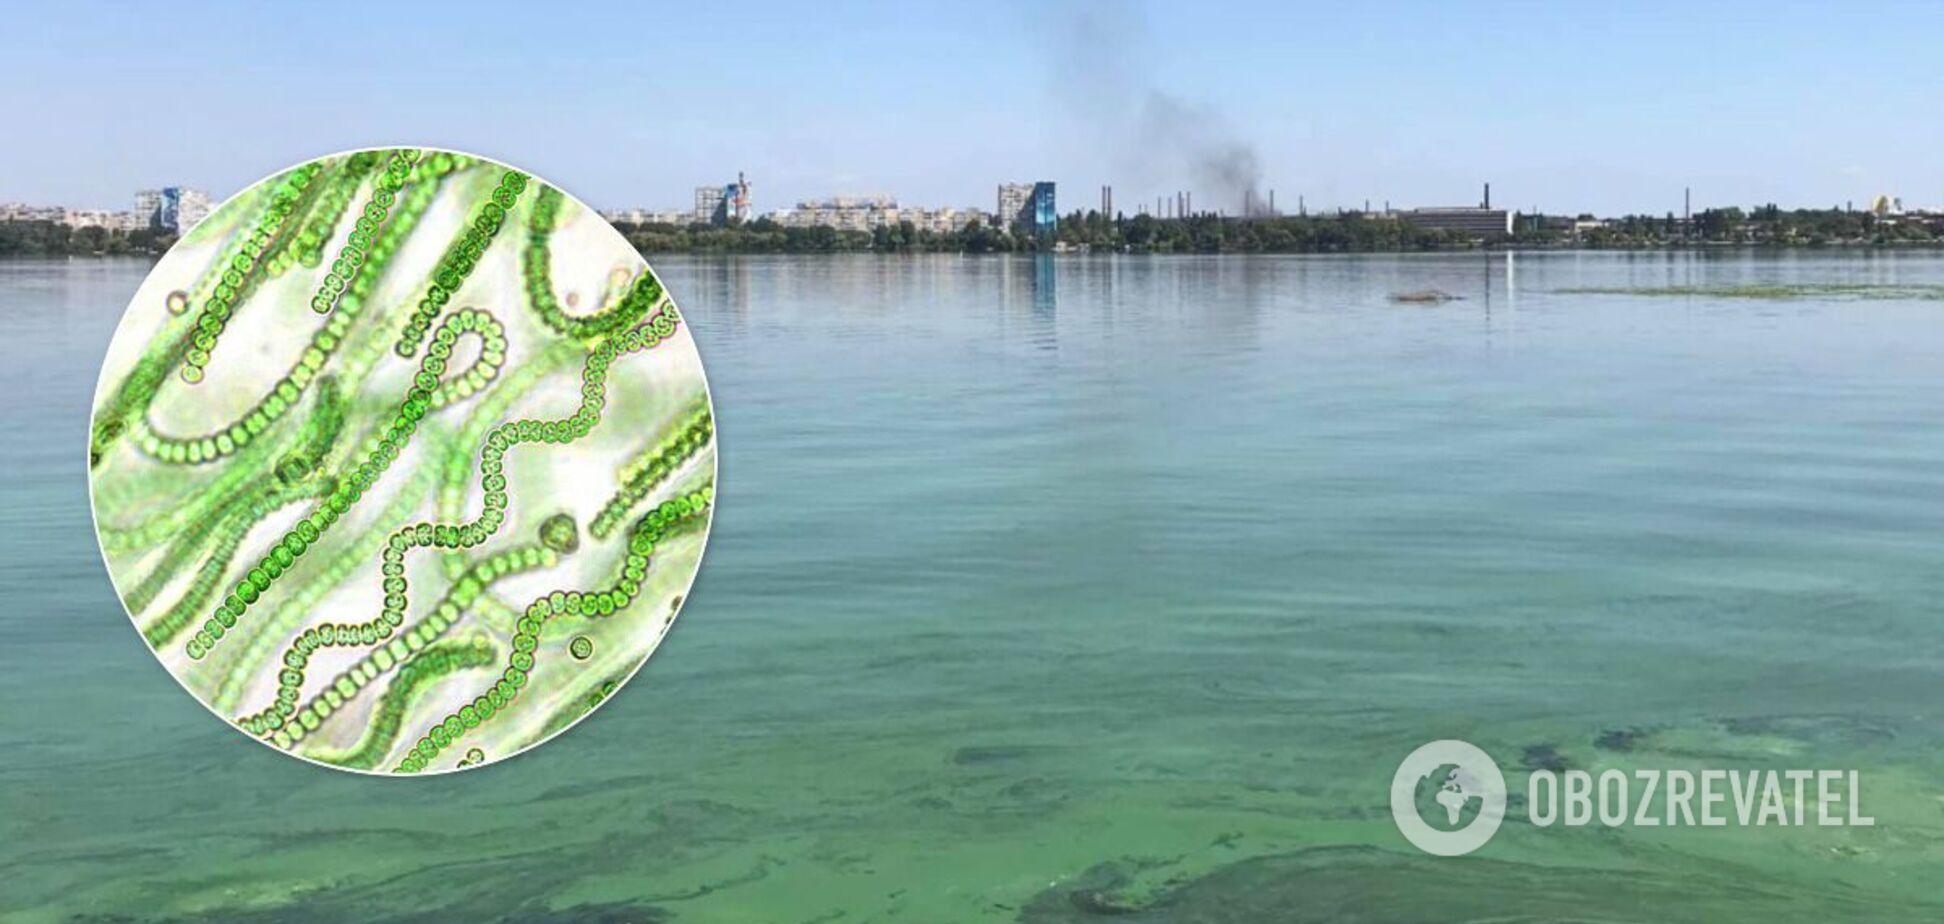 Интоксикация и цианобактерии: экологи объяснили позеленение Днепра и его опасность